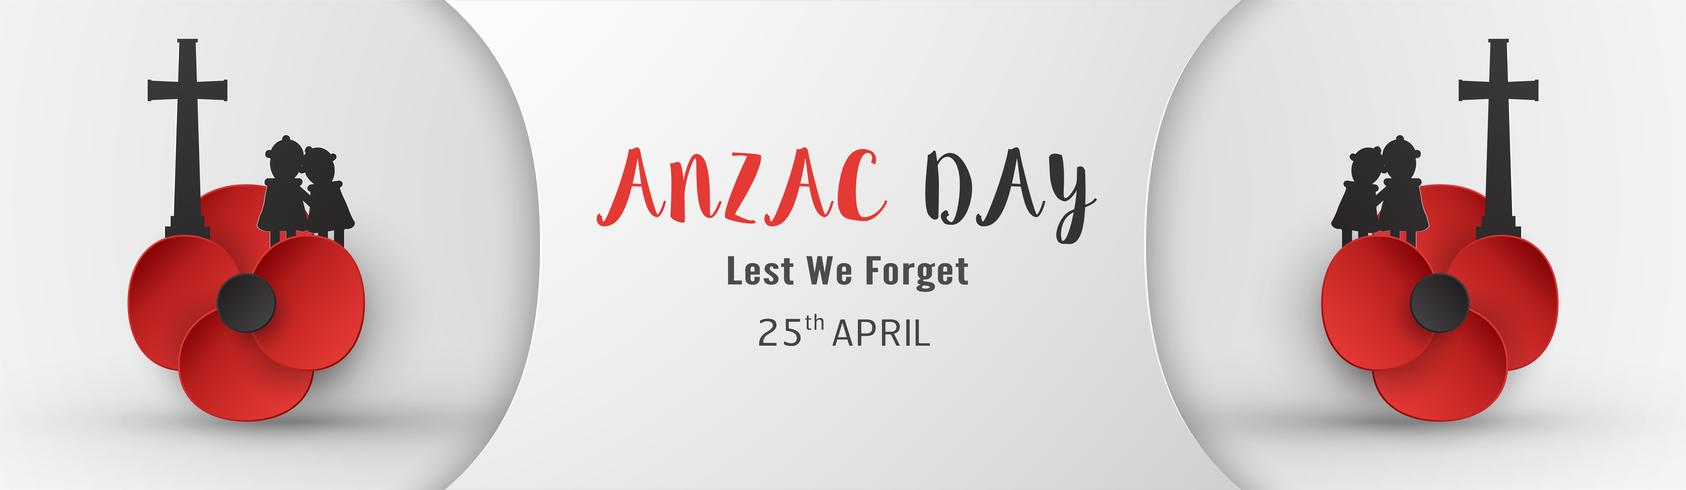 Feliz día de Anzac el 25 de abril por quien sirvió y murió en la guerra de Australia y Nueva Zelanda. Diseño de elementos de plantilla para banner, cartel, saludo, invitación. Ilustración vectorial en papel cortado, estilo artesanal.